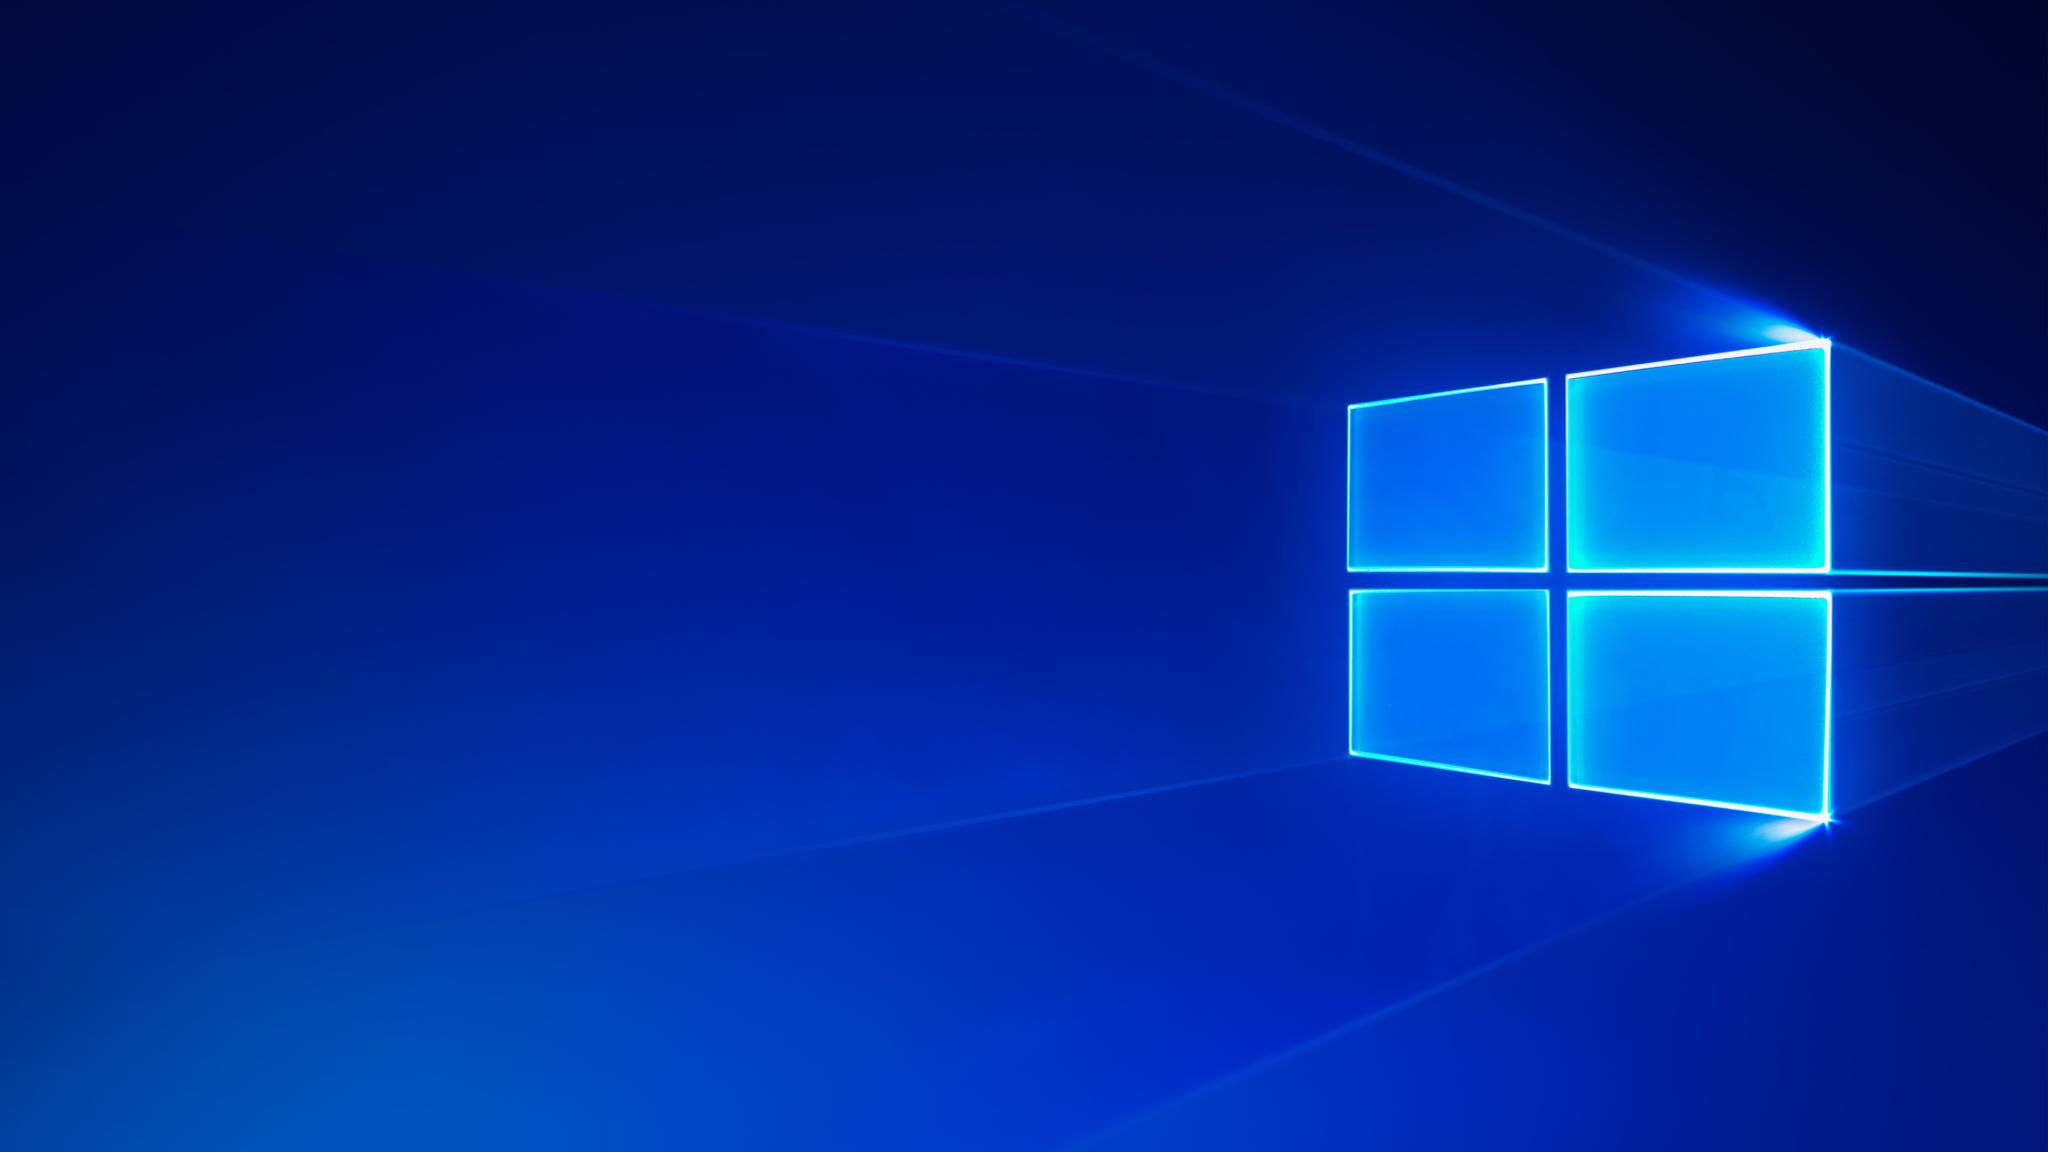 Slevové kupóny na Windows 10 Pro a Office 2019! [sponzorovaný článek]